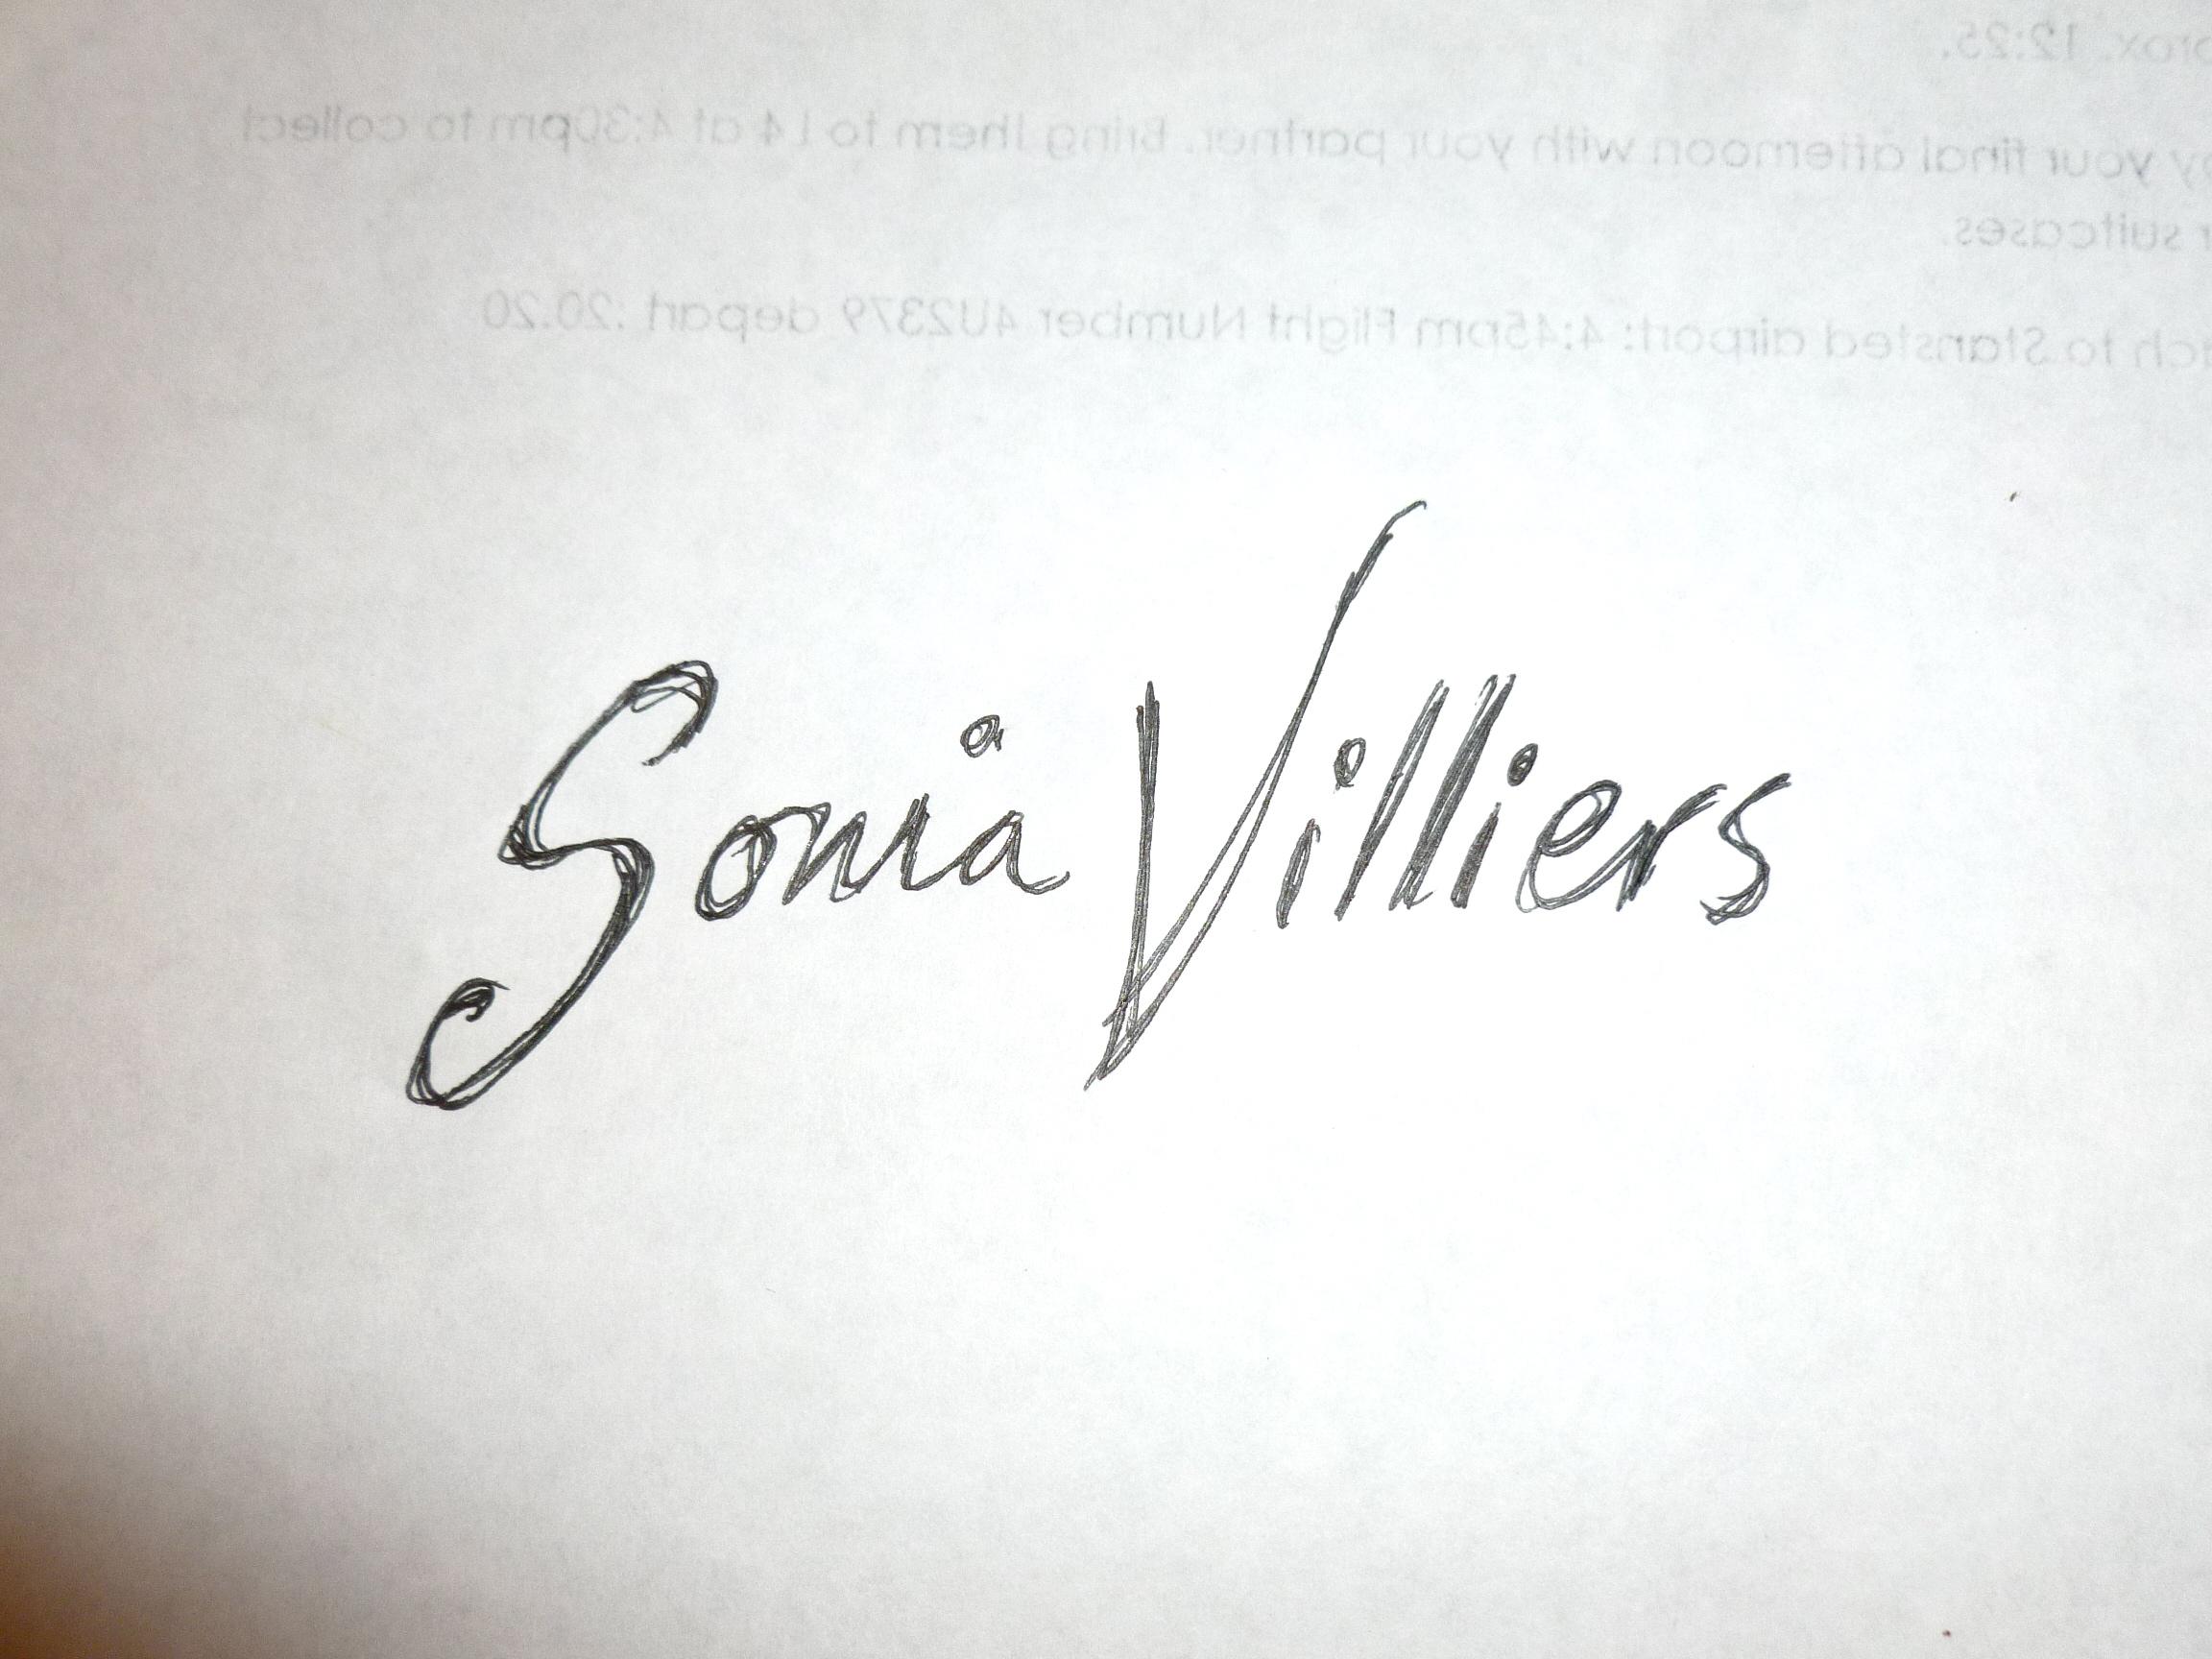 Sonia Villiers Signature